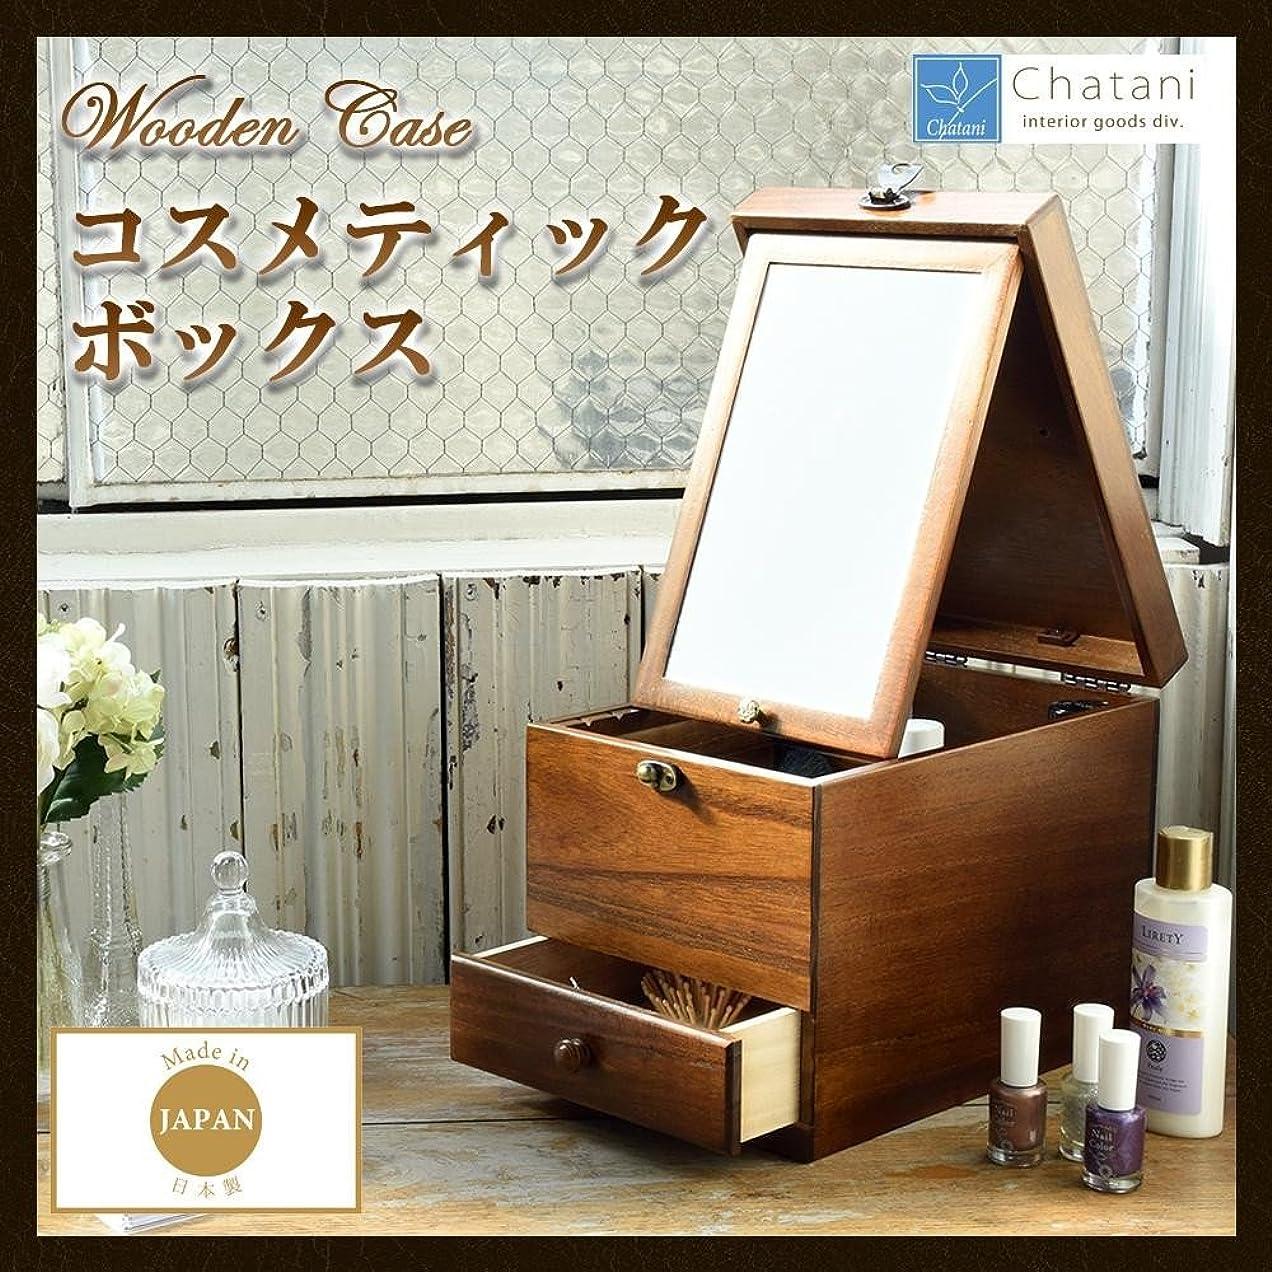 ネイティブジョージエリオットチーズ茶谷産業 日本製 Wooden Case 木製コスメティックボックス 017-513